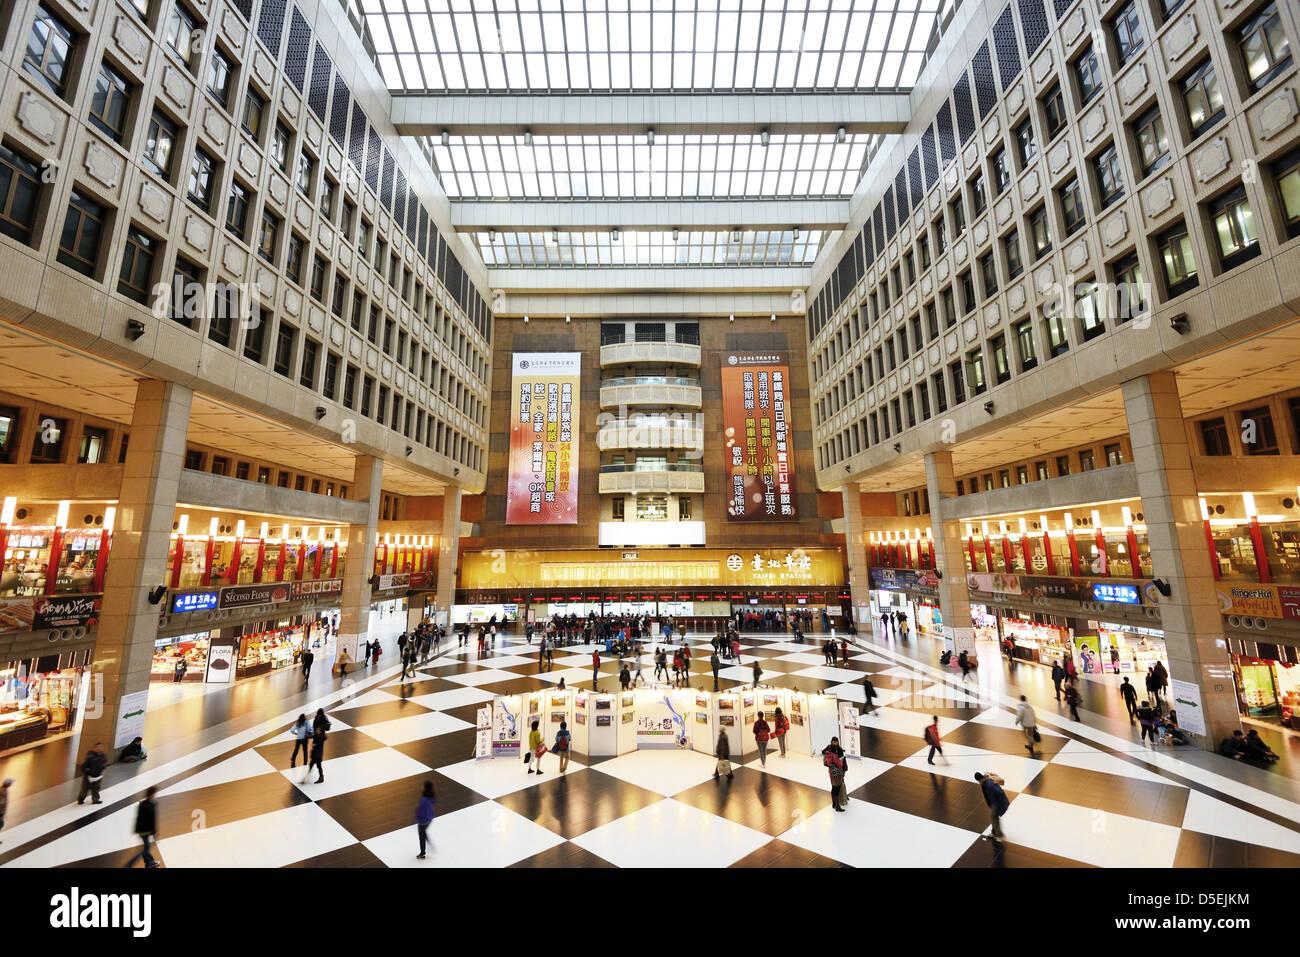 Interior of Taipei Main Station. - Stock Image